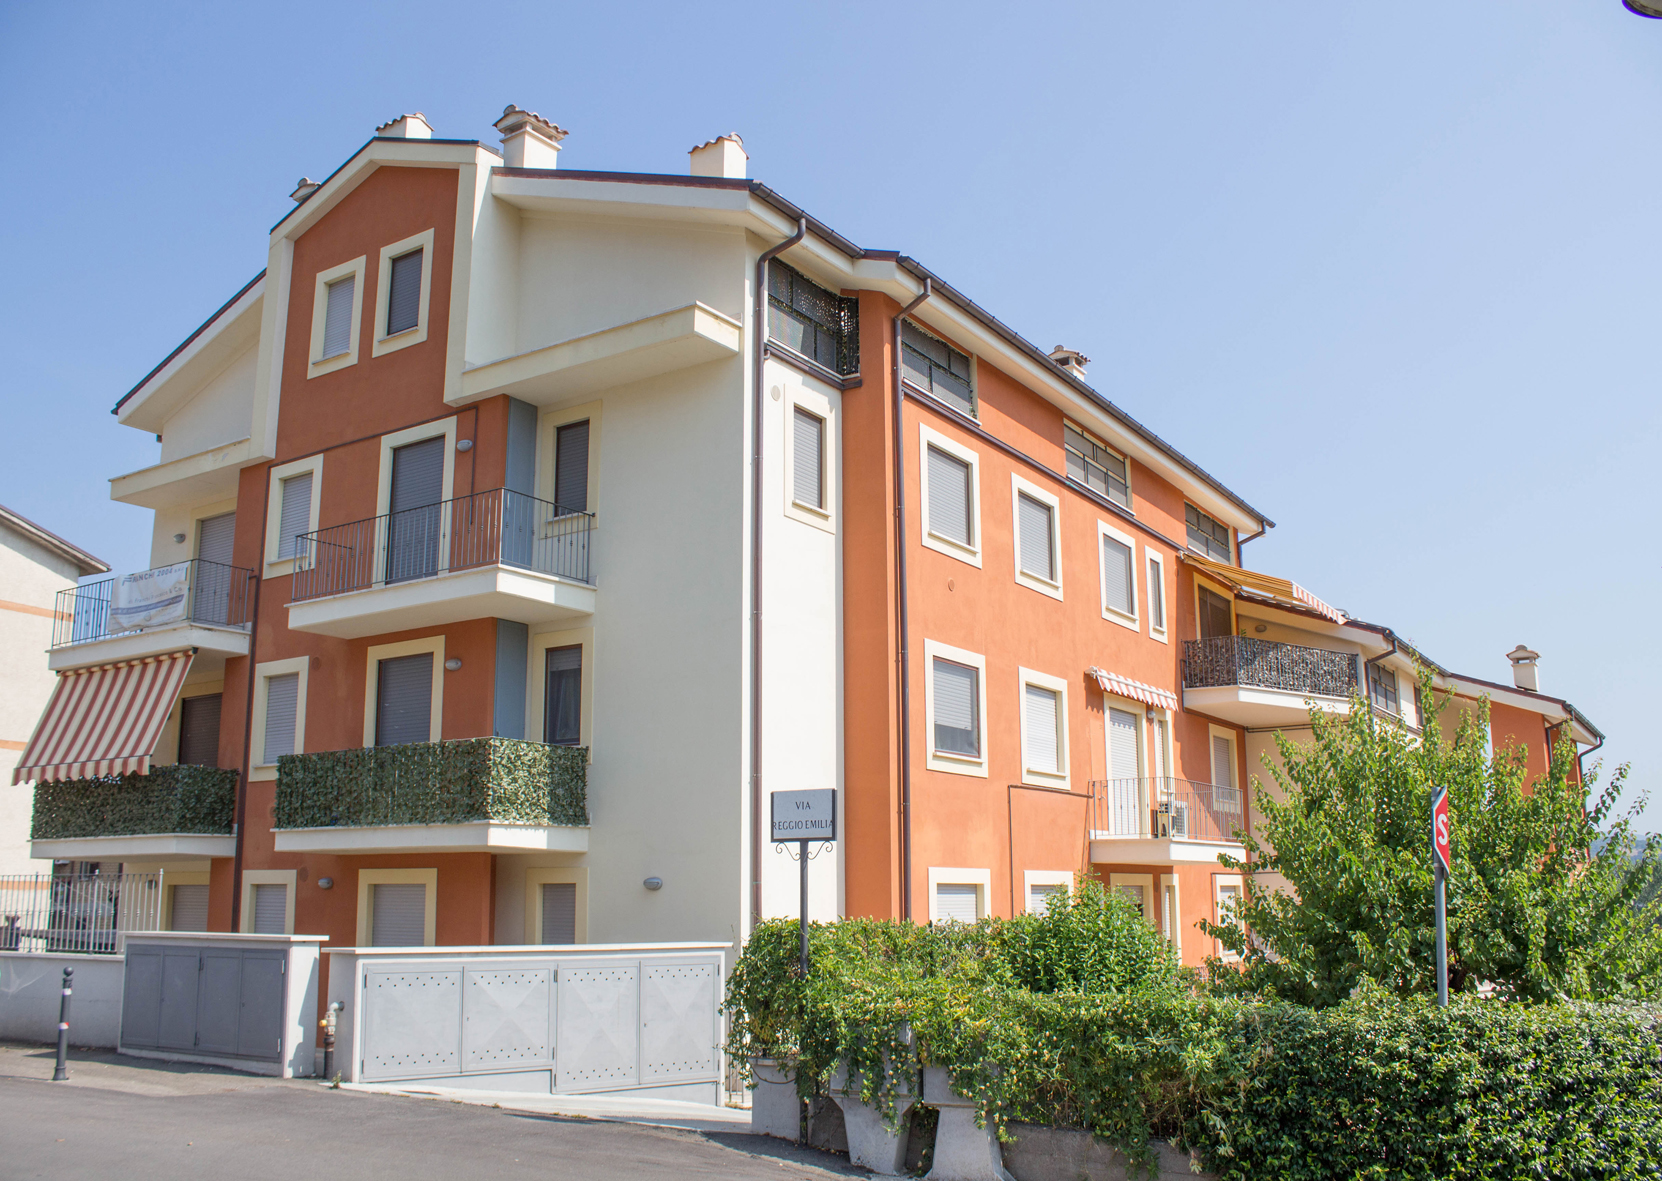 Appartamento in vendita a Orte, 3 locali, zona Località: OrteScalo, prezzo € 138.000 | CambioCasa.it